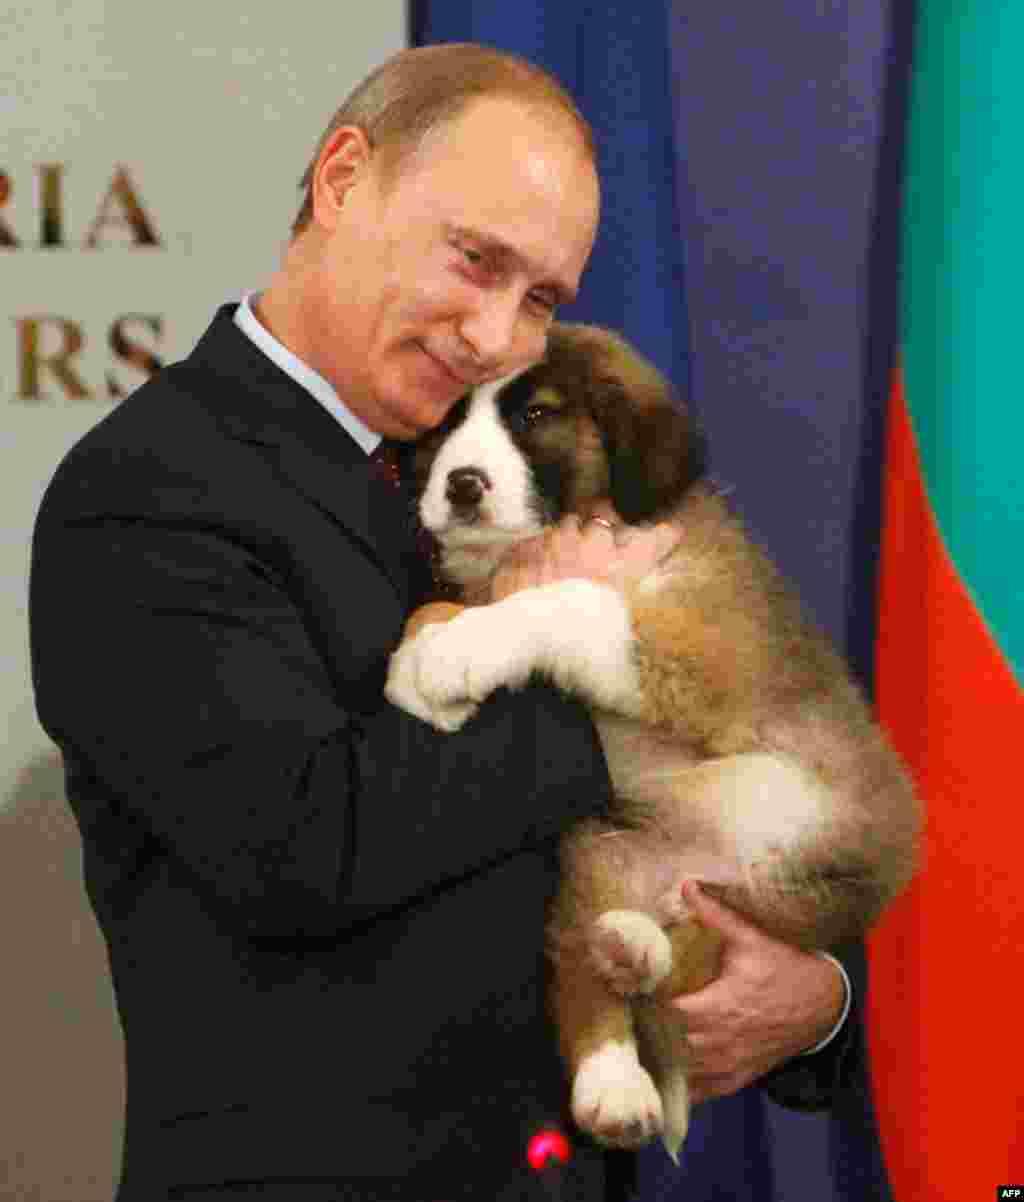 Владимир Путин обнимает щенка болгарской овчарки - подарок премьер-министра Болгарии Бойко Борисова. 13 ноября 2010 г.